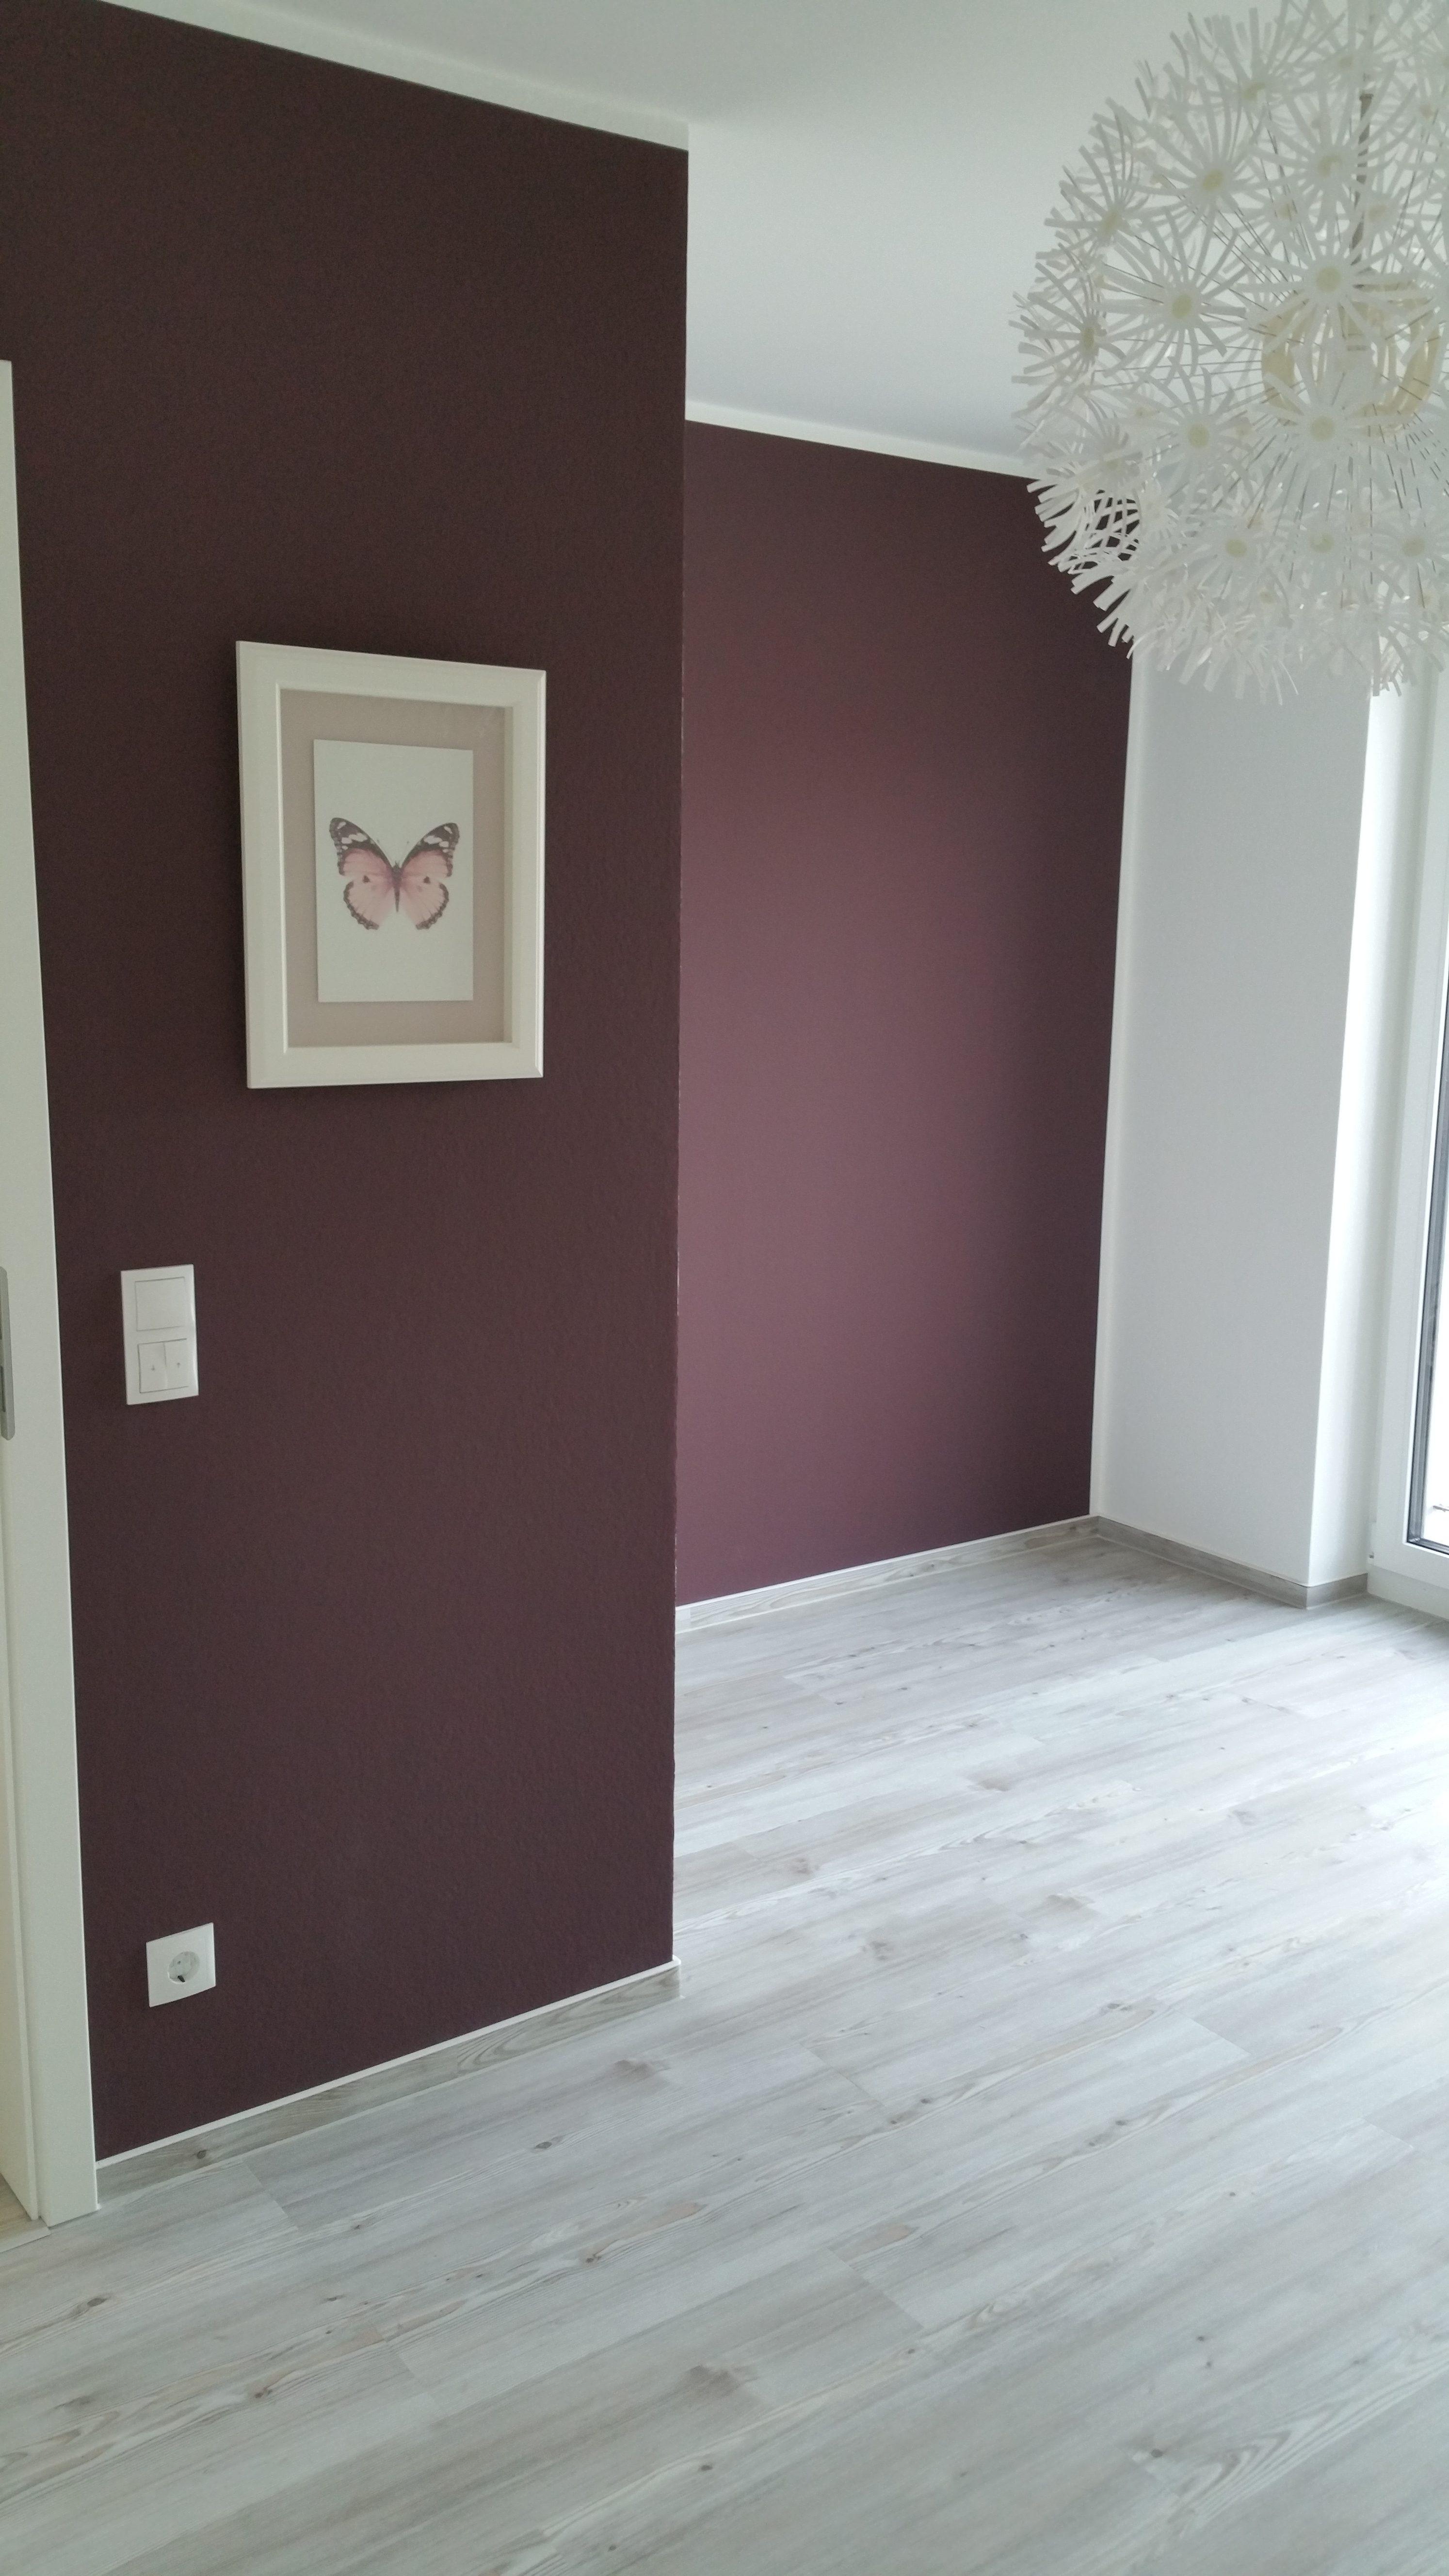 tipps tricks archives maler und lackierermeister semjoschkin ihr spezialist f r ein. Black Bedroom Furniture Sets. Home Design Ideas